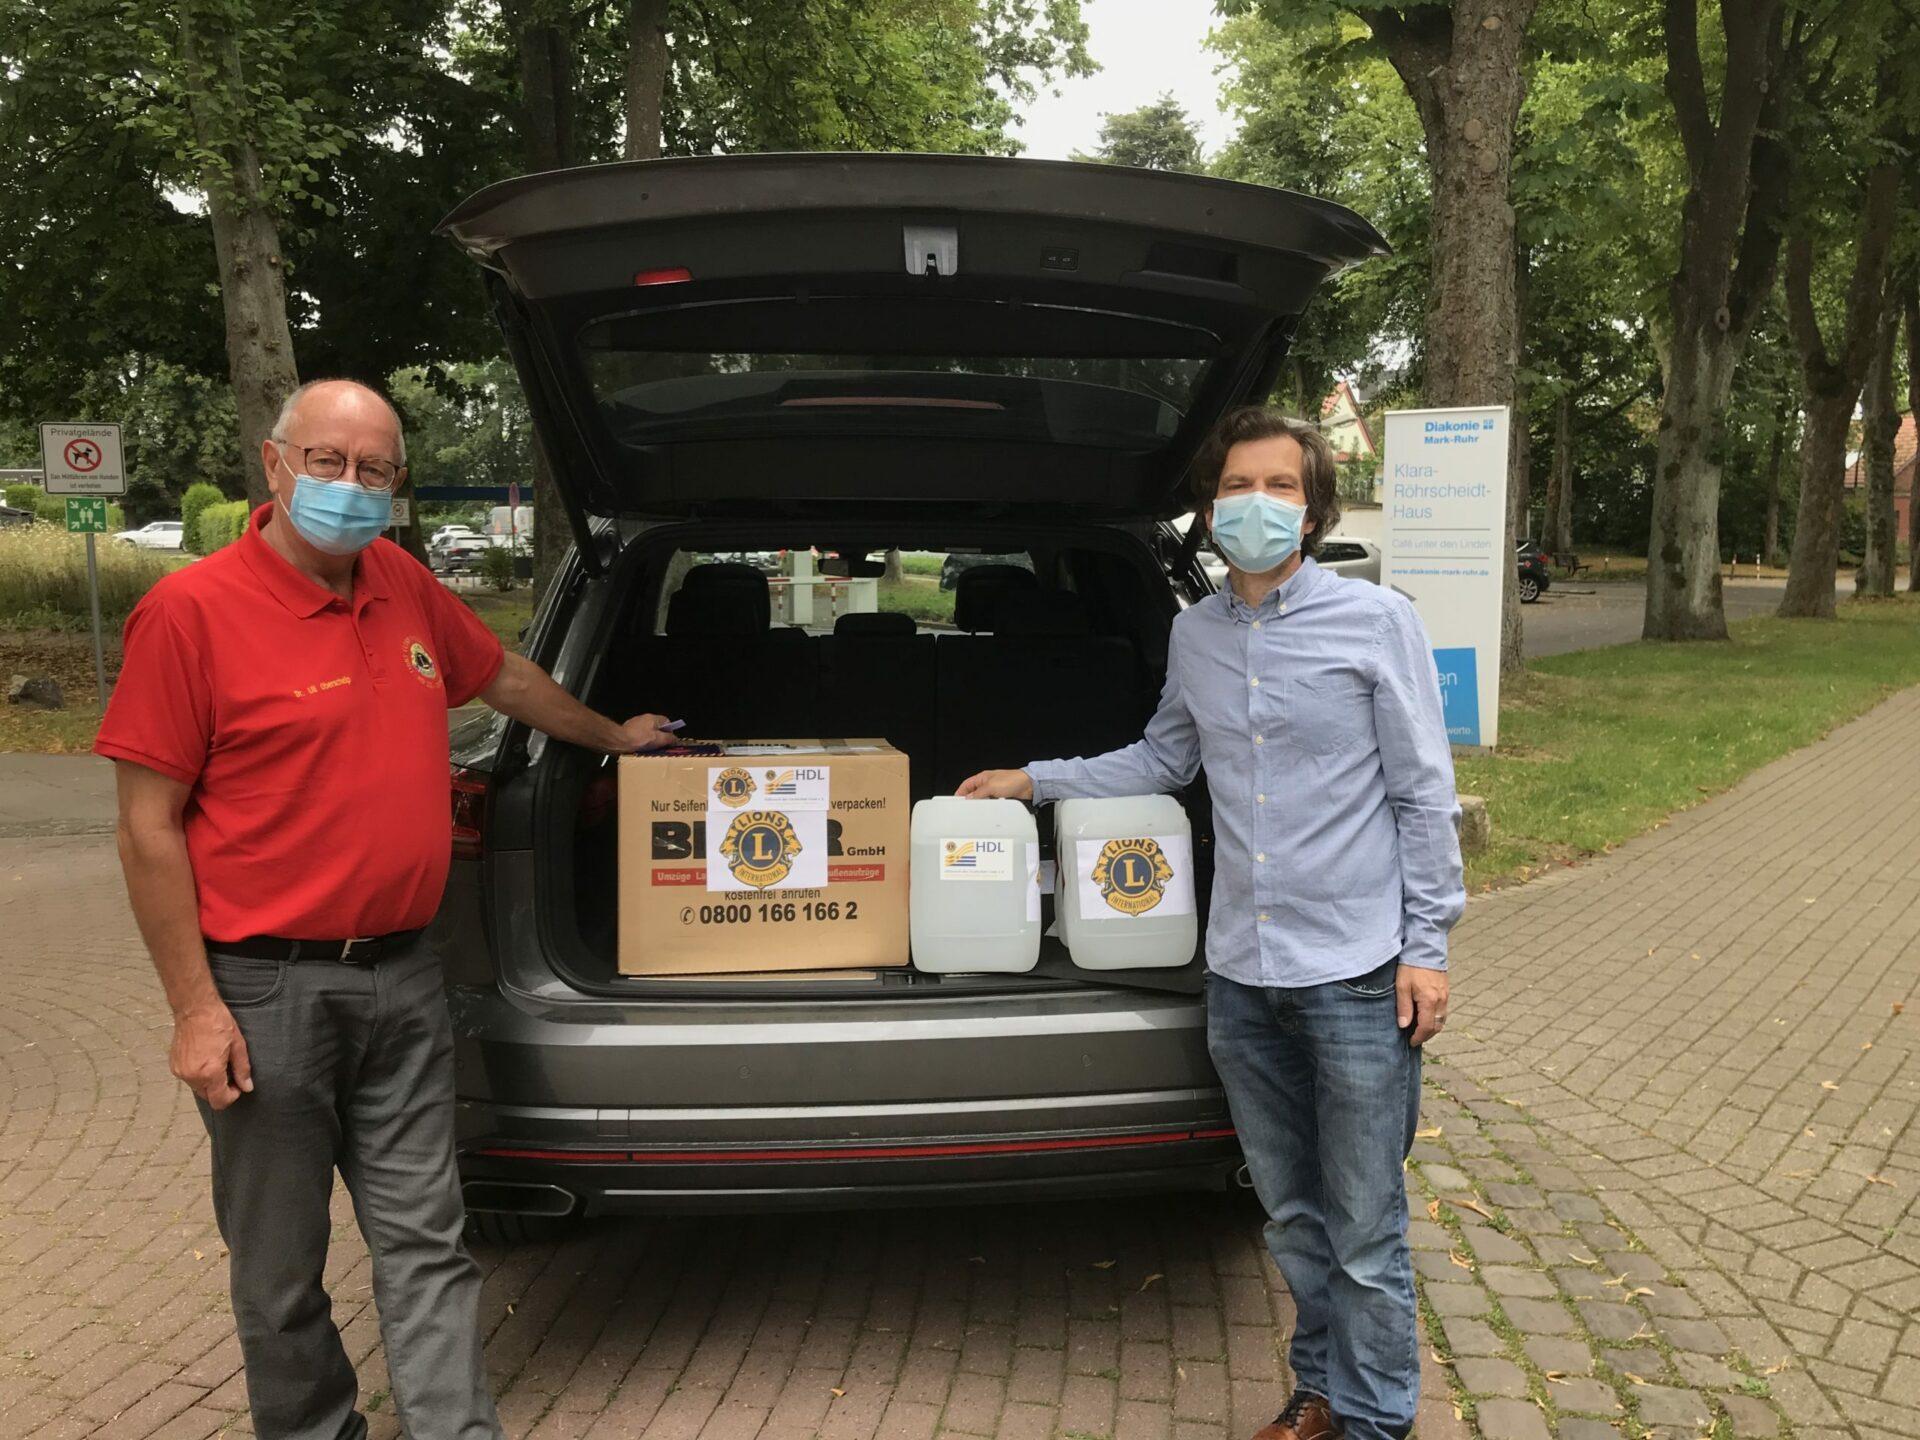 Lions Club Werne spendet Schutzausrüstung an Klara-Röhrscheidt-Haus